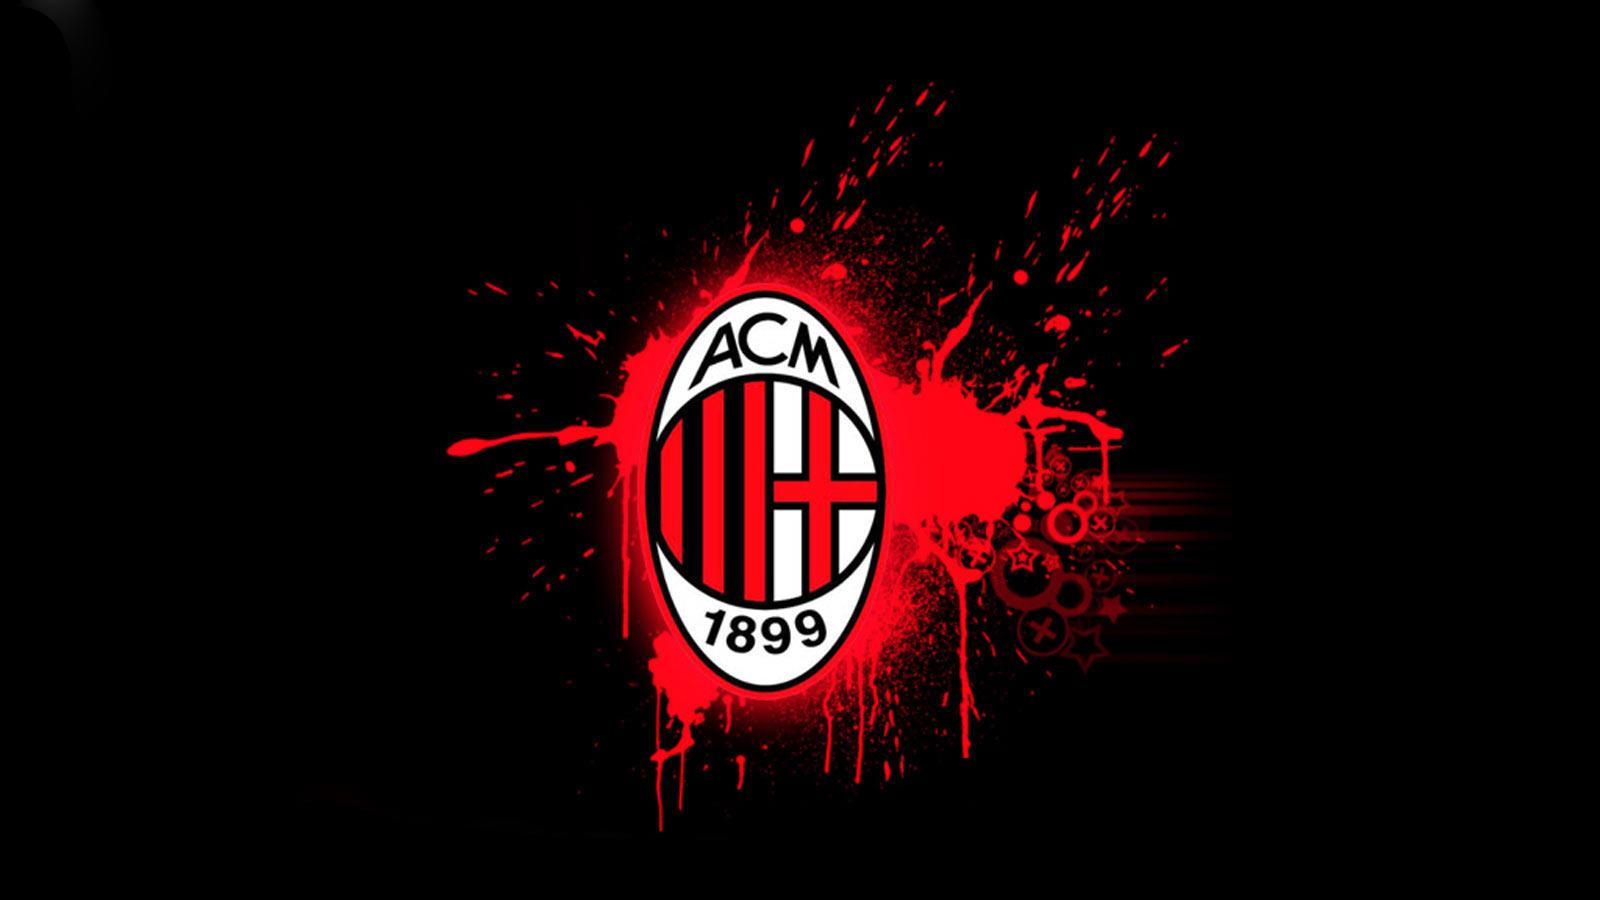 Ac Milan Wallpaper Kaka Ac Milan Wallpaper Download Images 1600x900